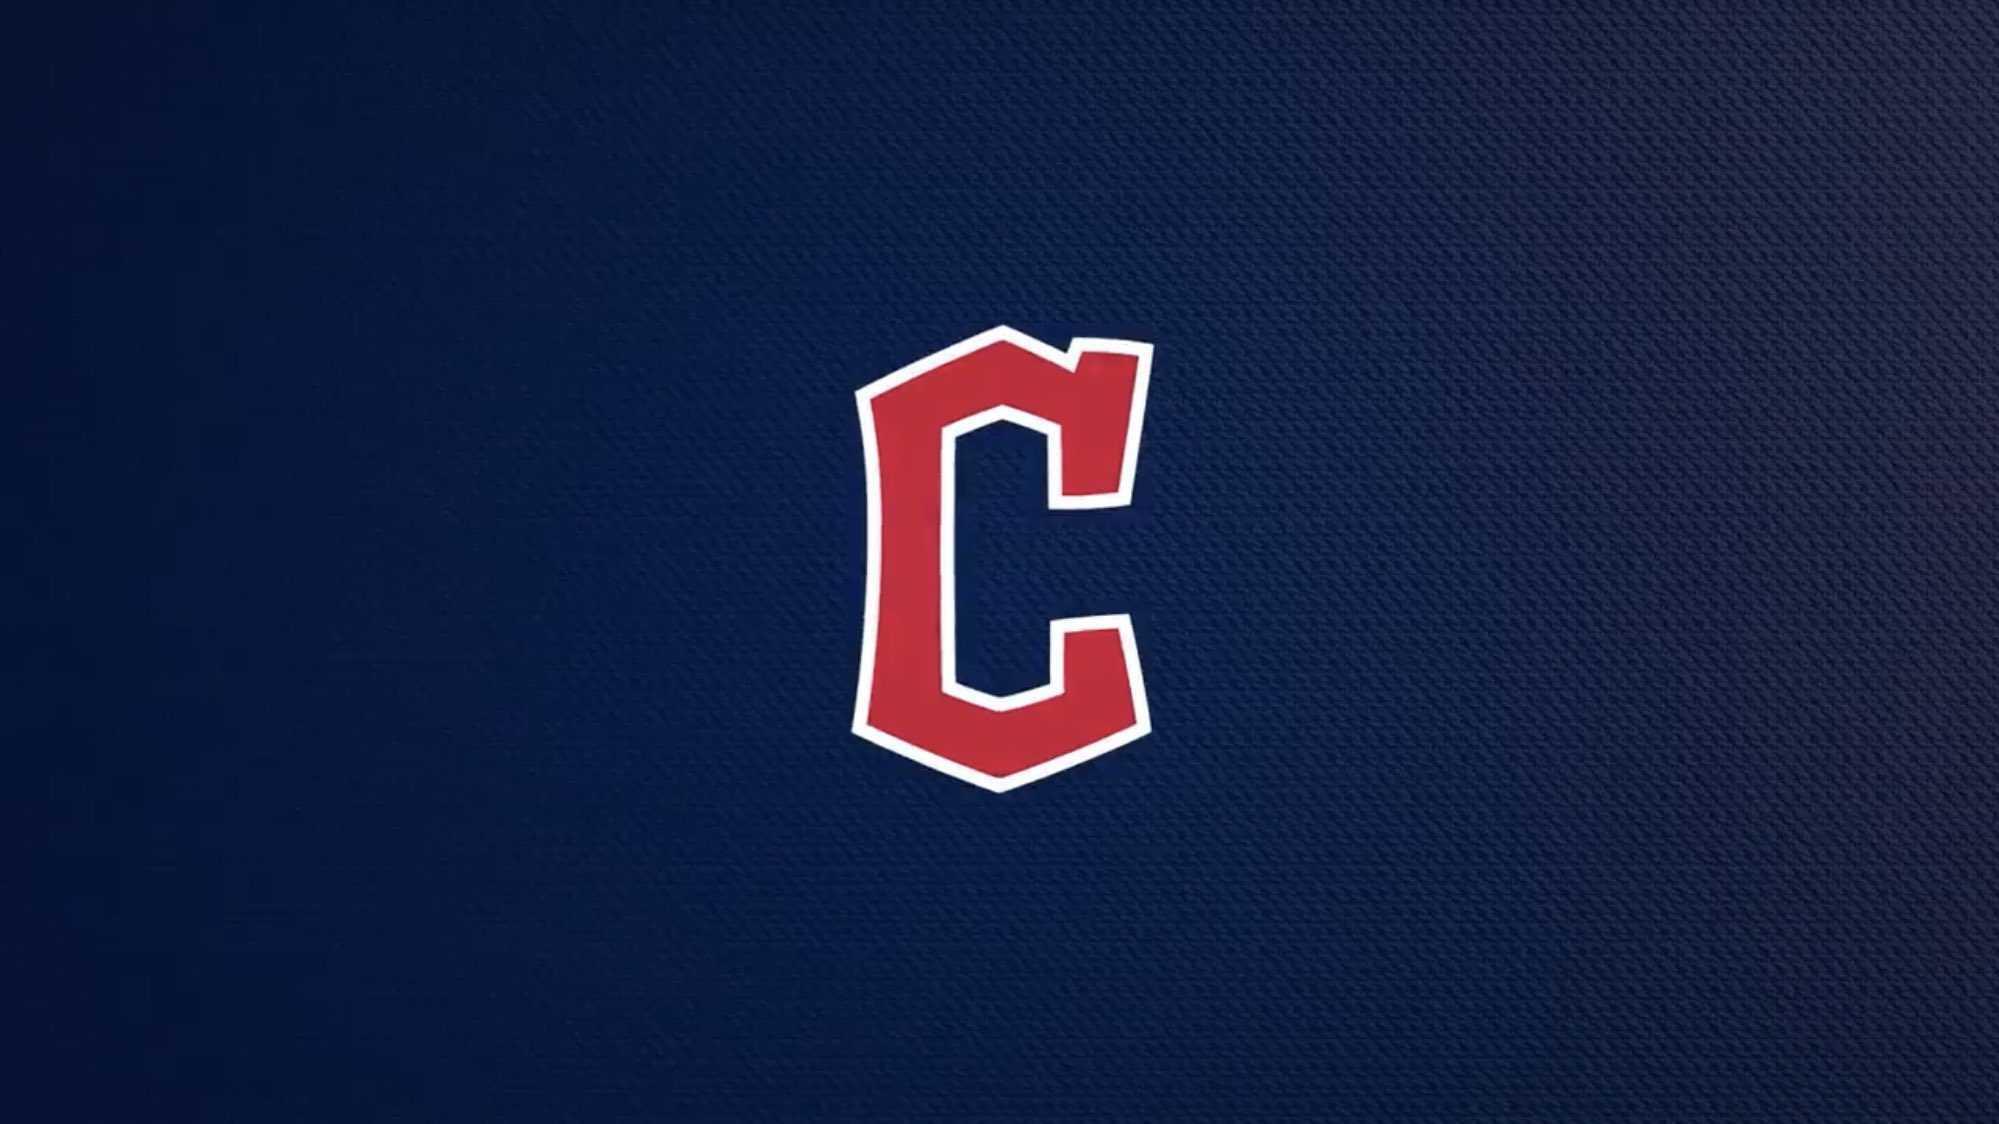 Cleveland Guardians 'C'